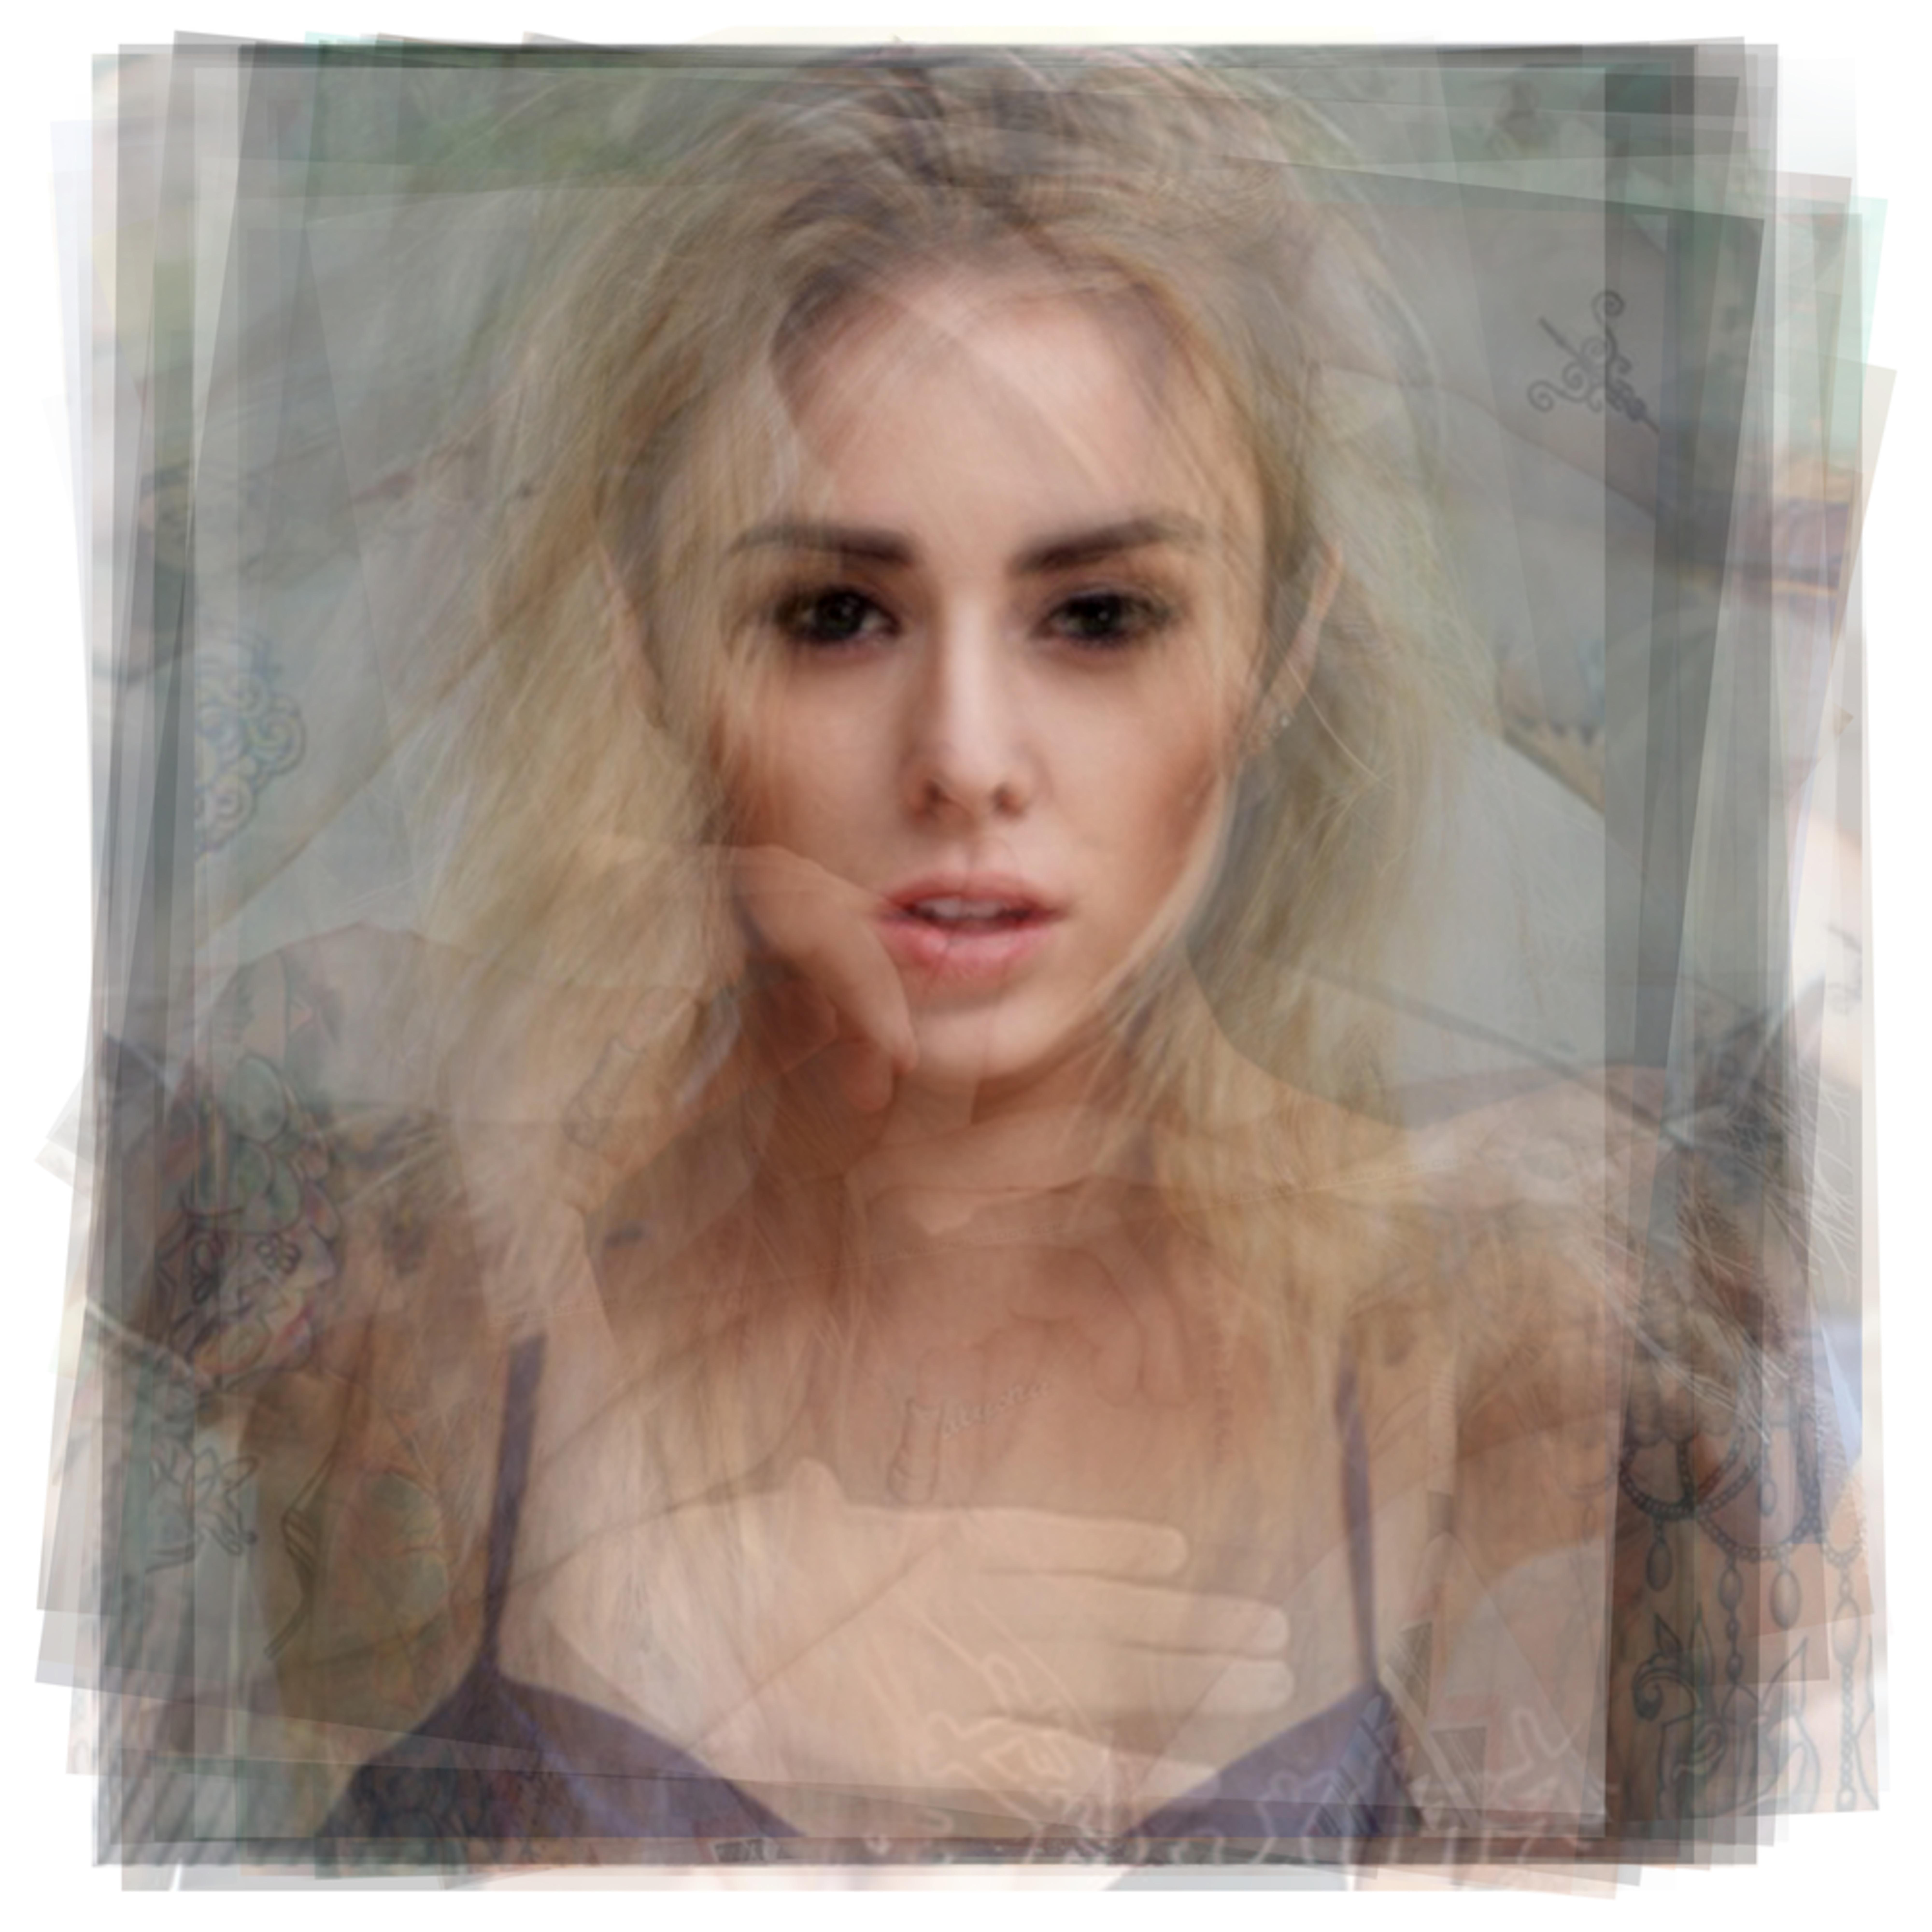 Alysha nett portrait owsv2h